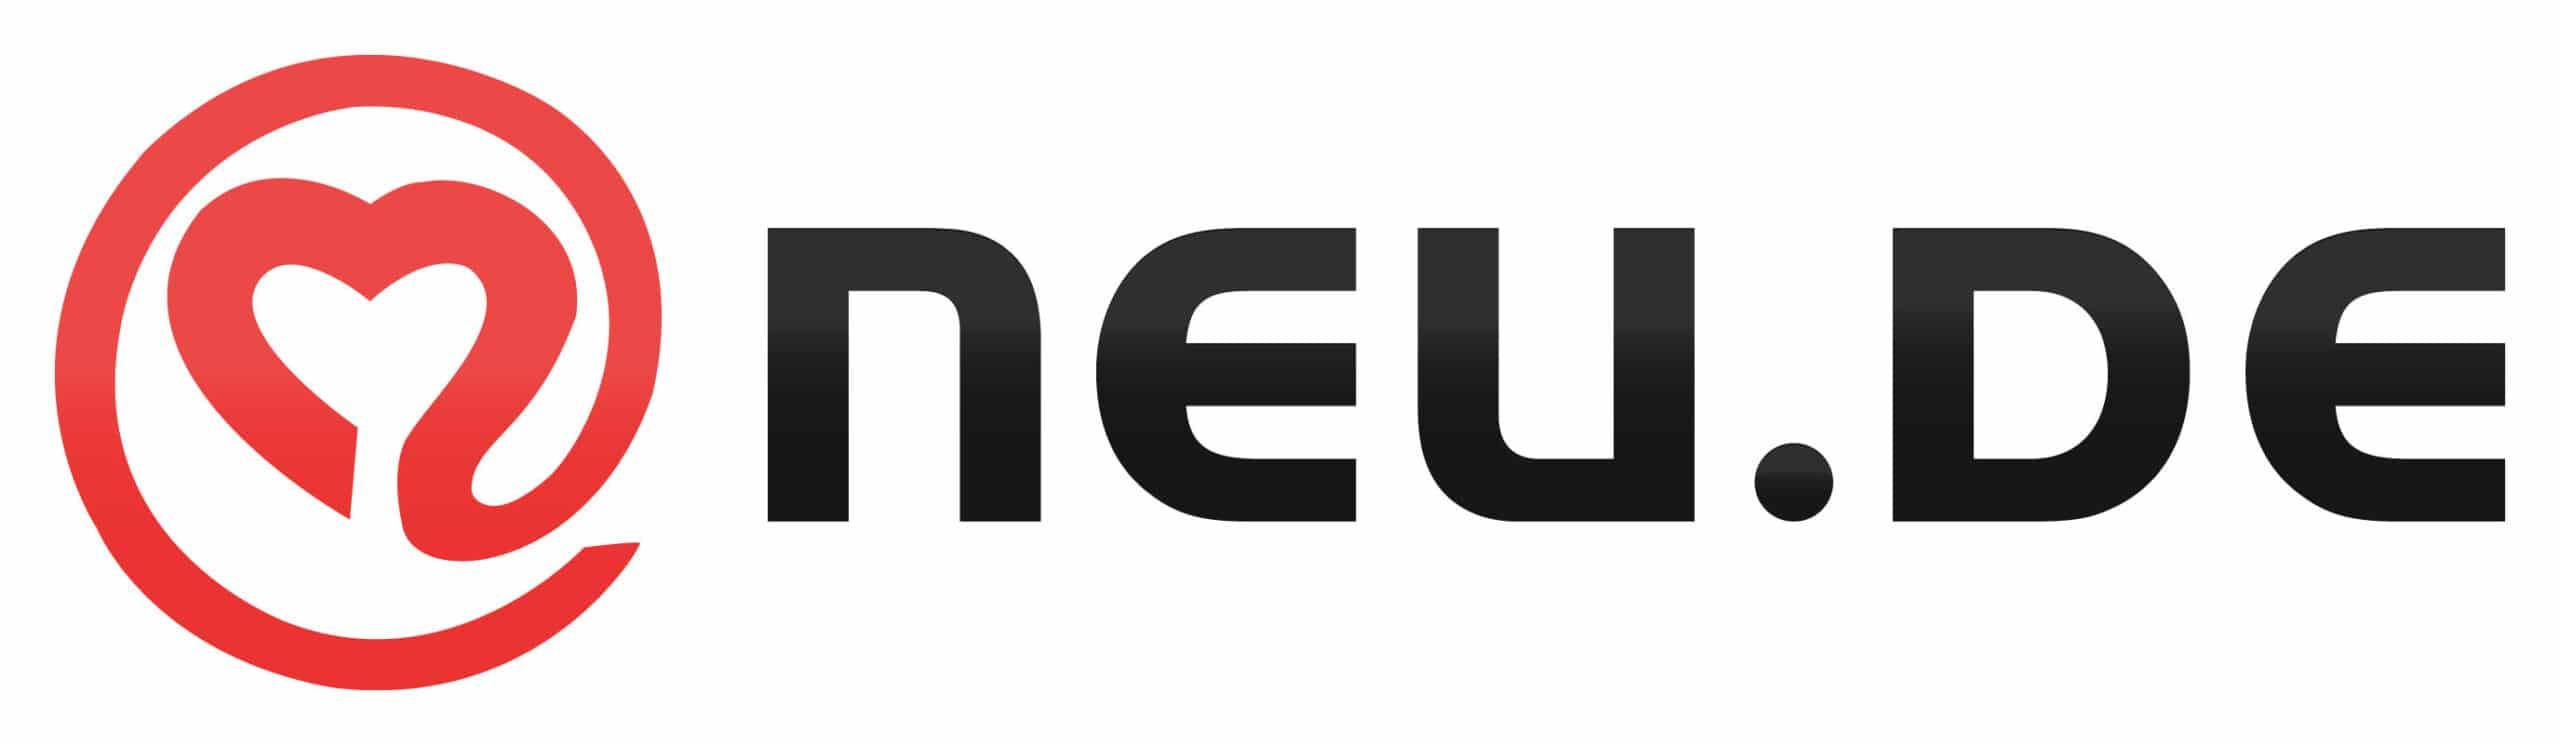 Neu.de - Besten dating apps